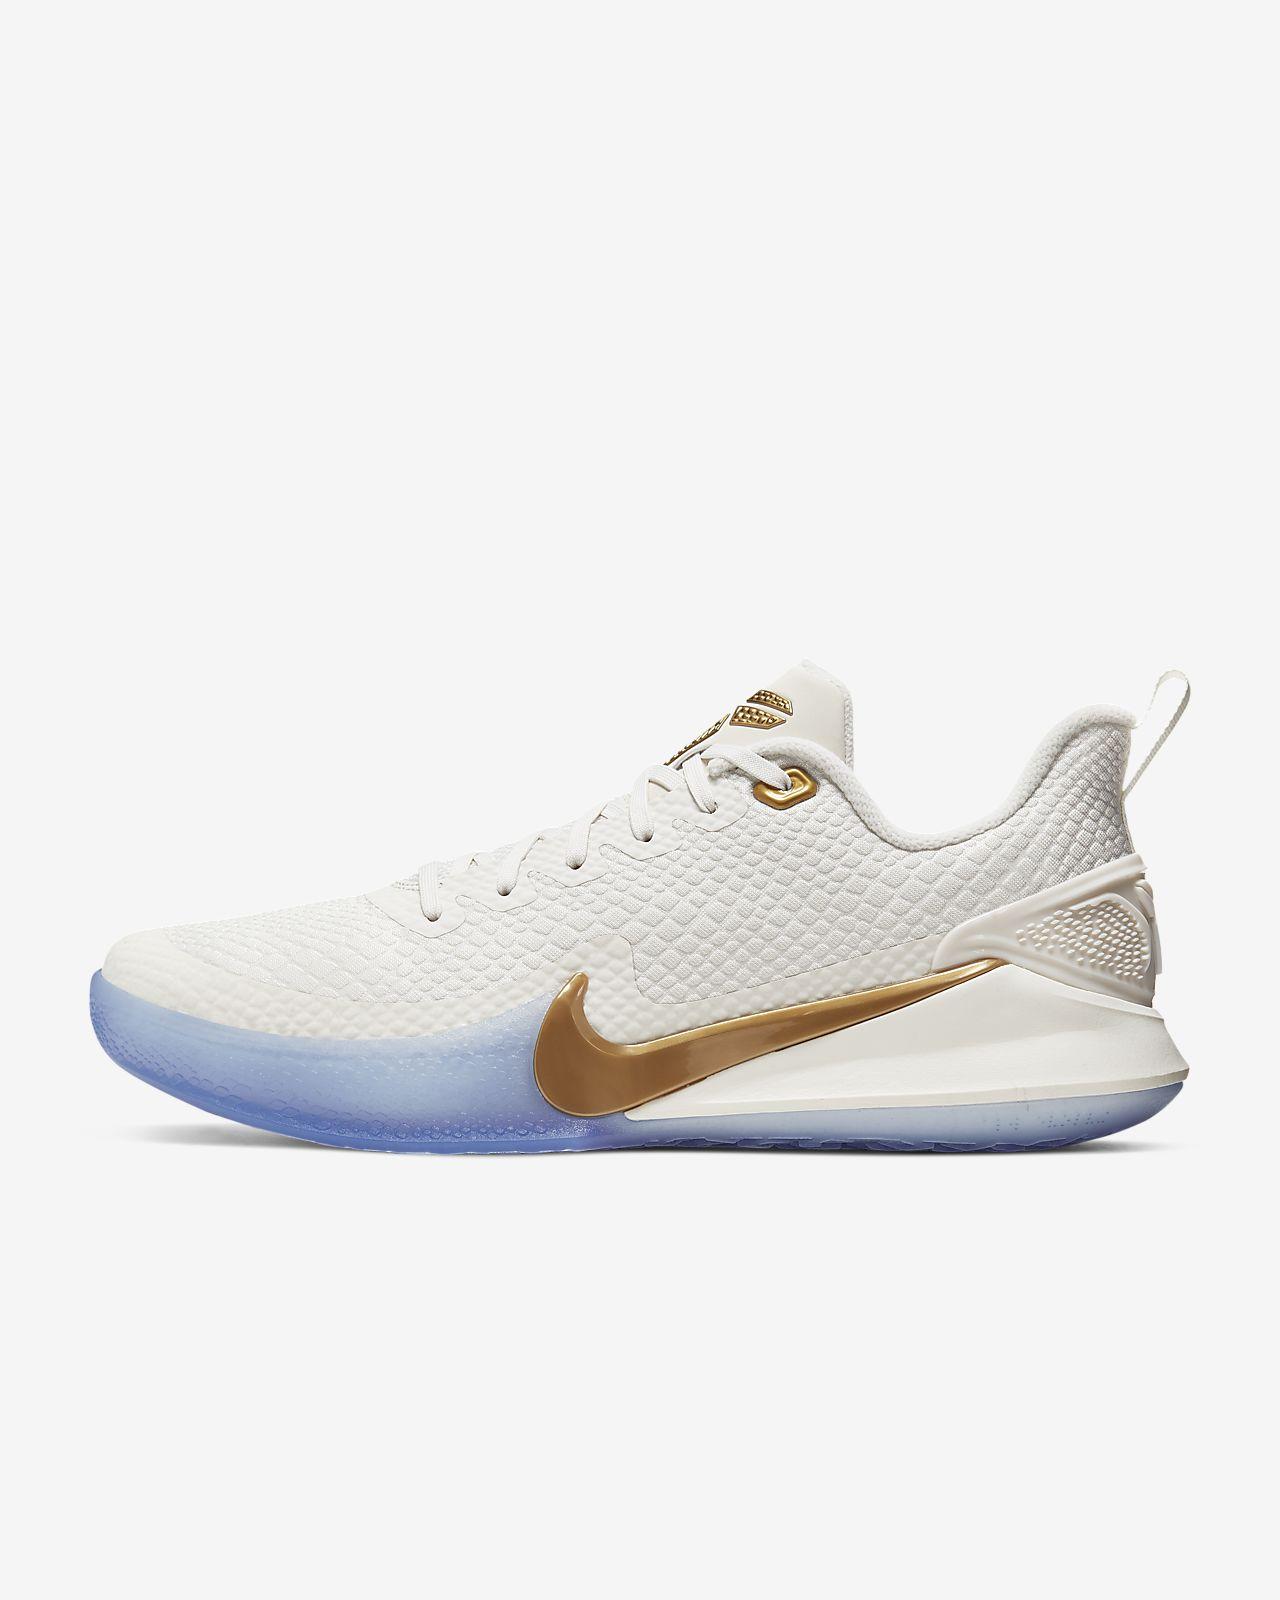 Chaussure de basketball Mamba Focus